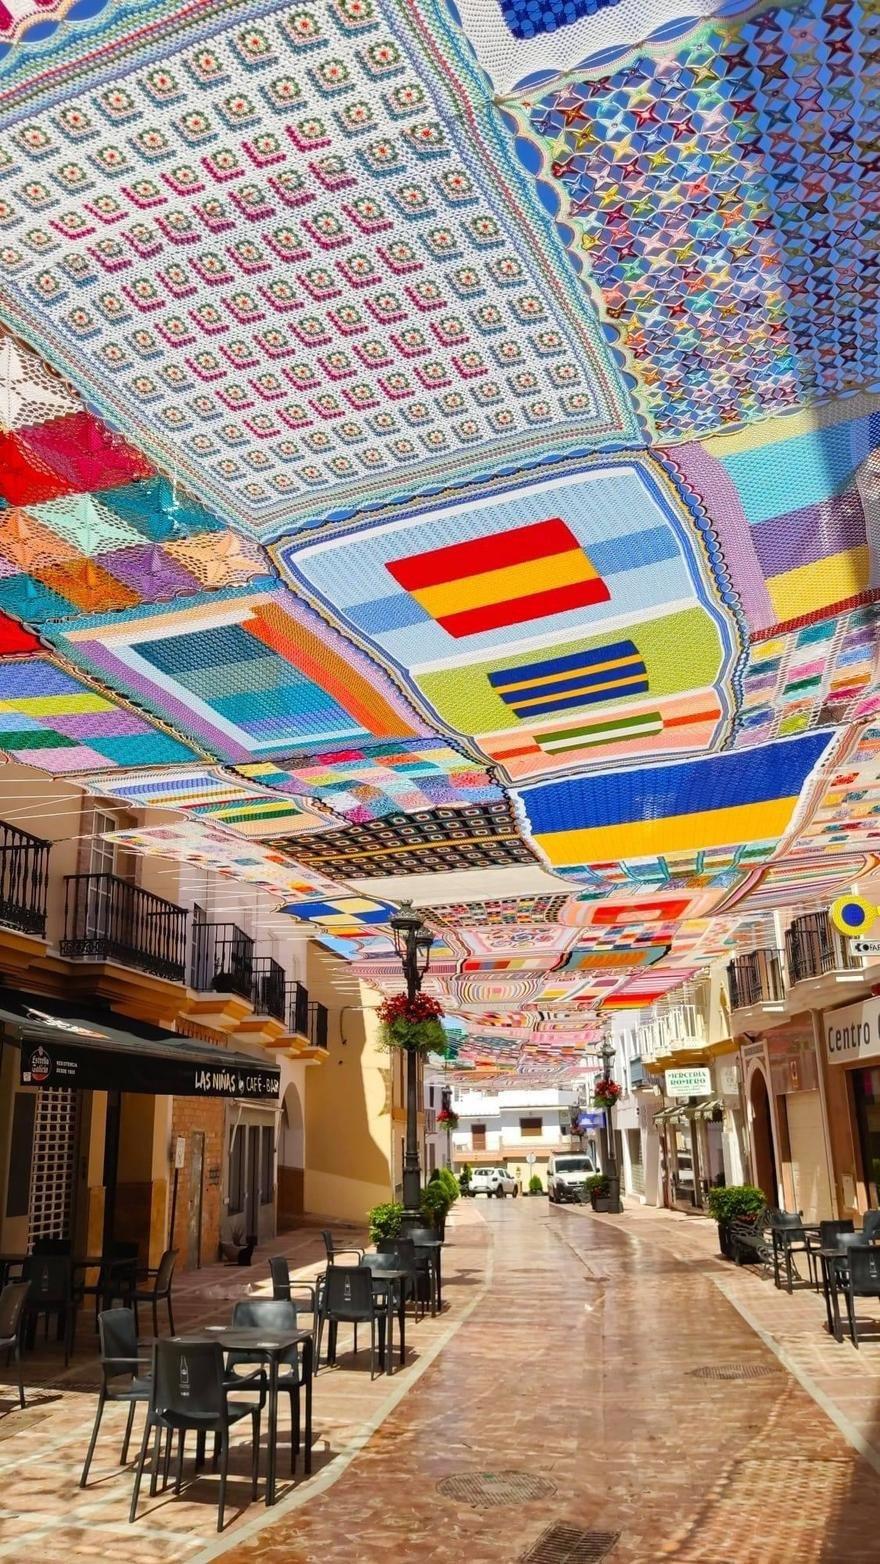 Dosel de ganchillo en Málaga, España